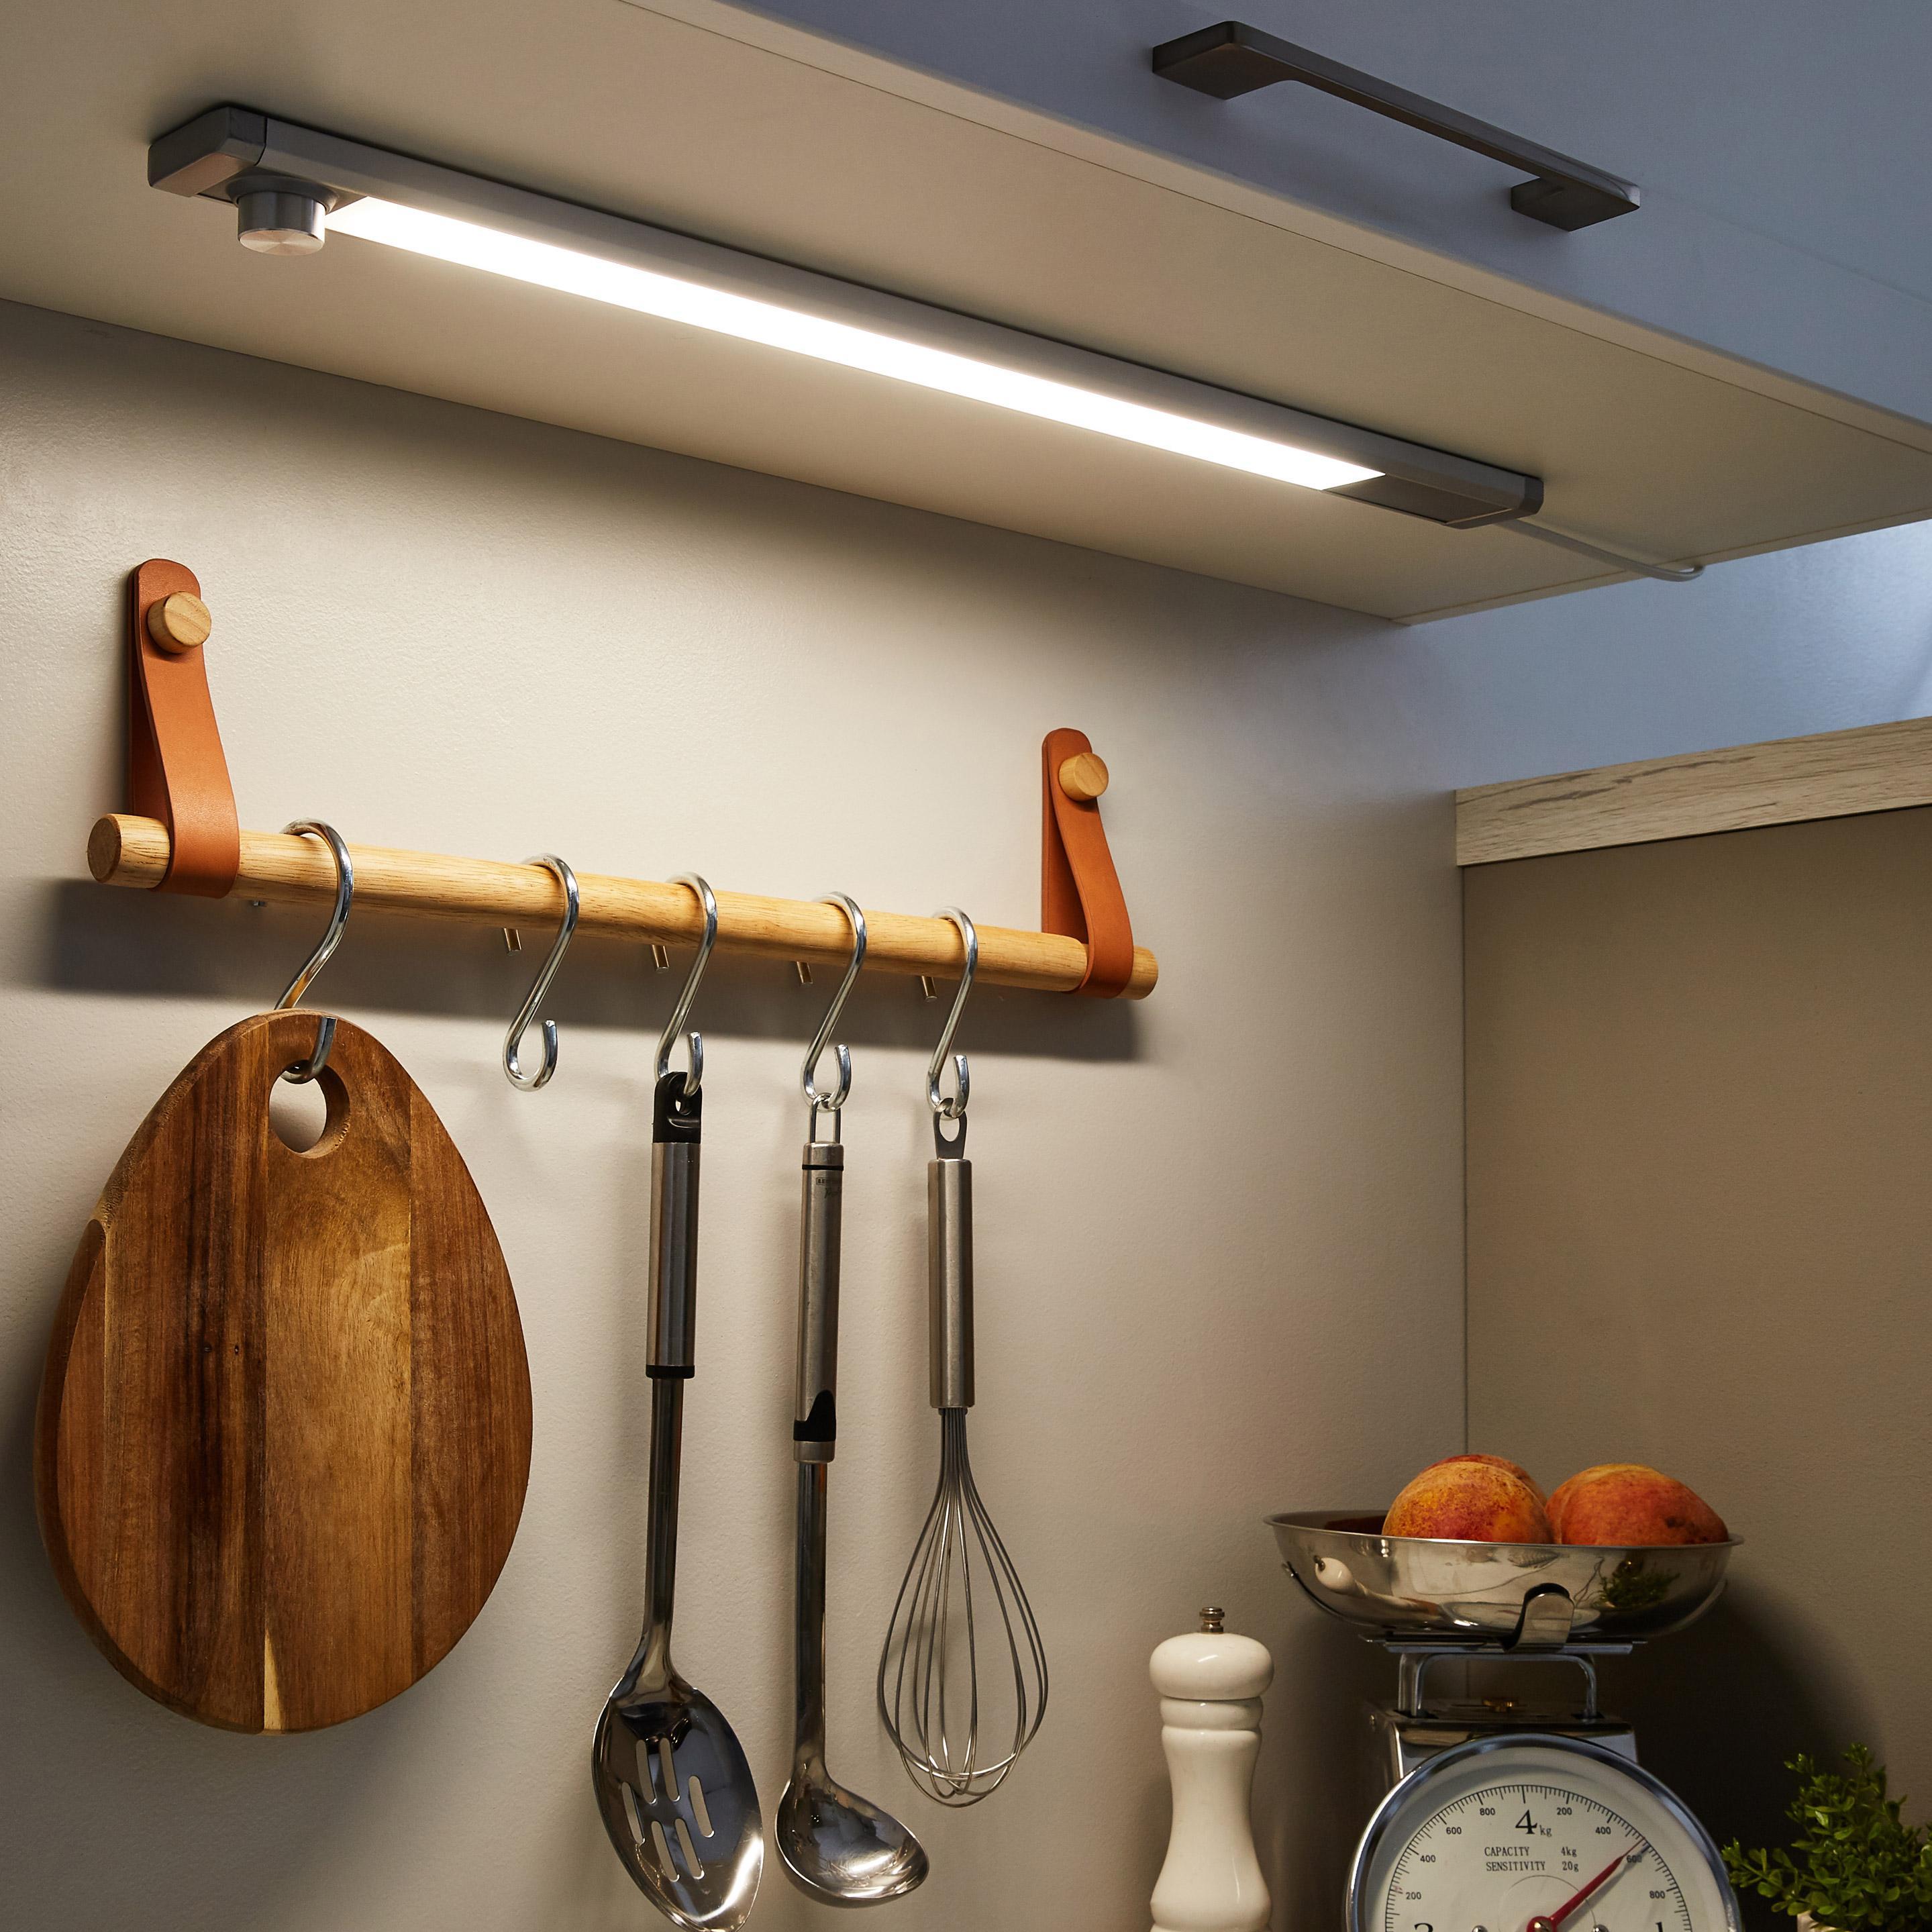 Réglette LED intégrée, 1 x 8 W, changement blanc chaud à blanc froid, blanc